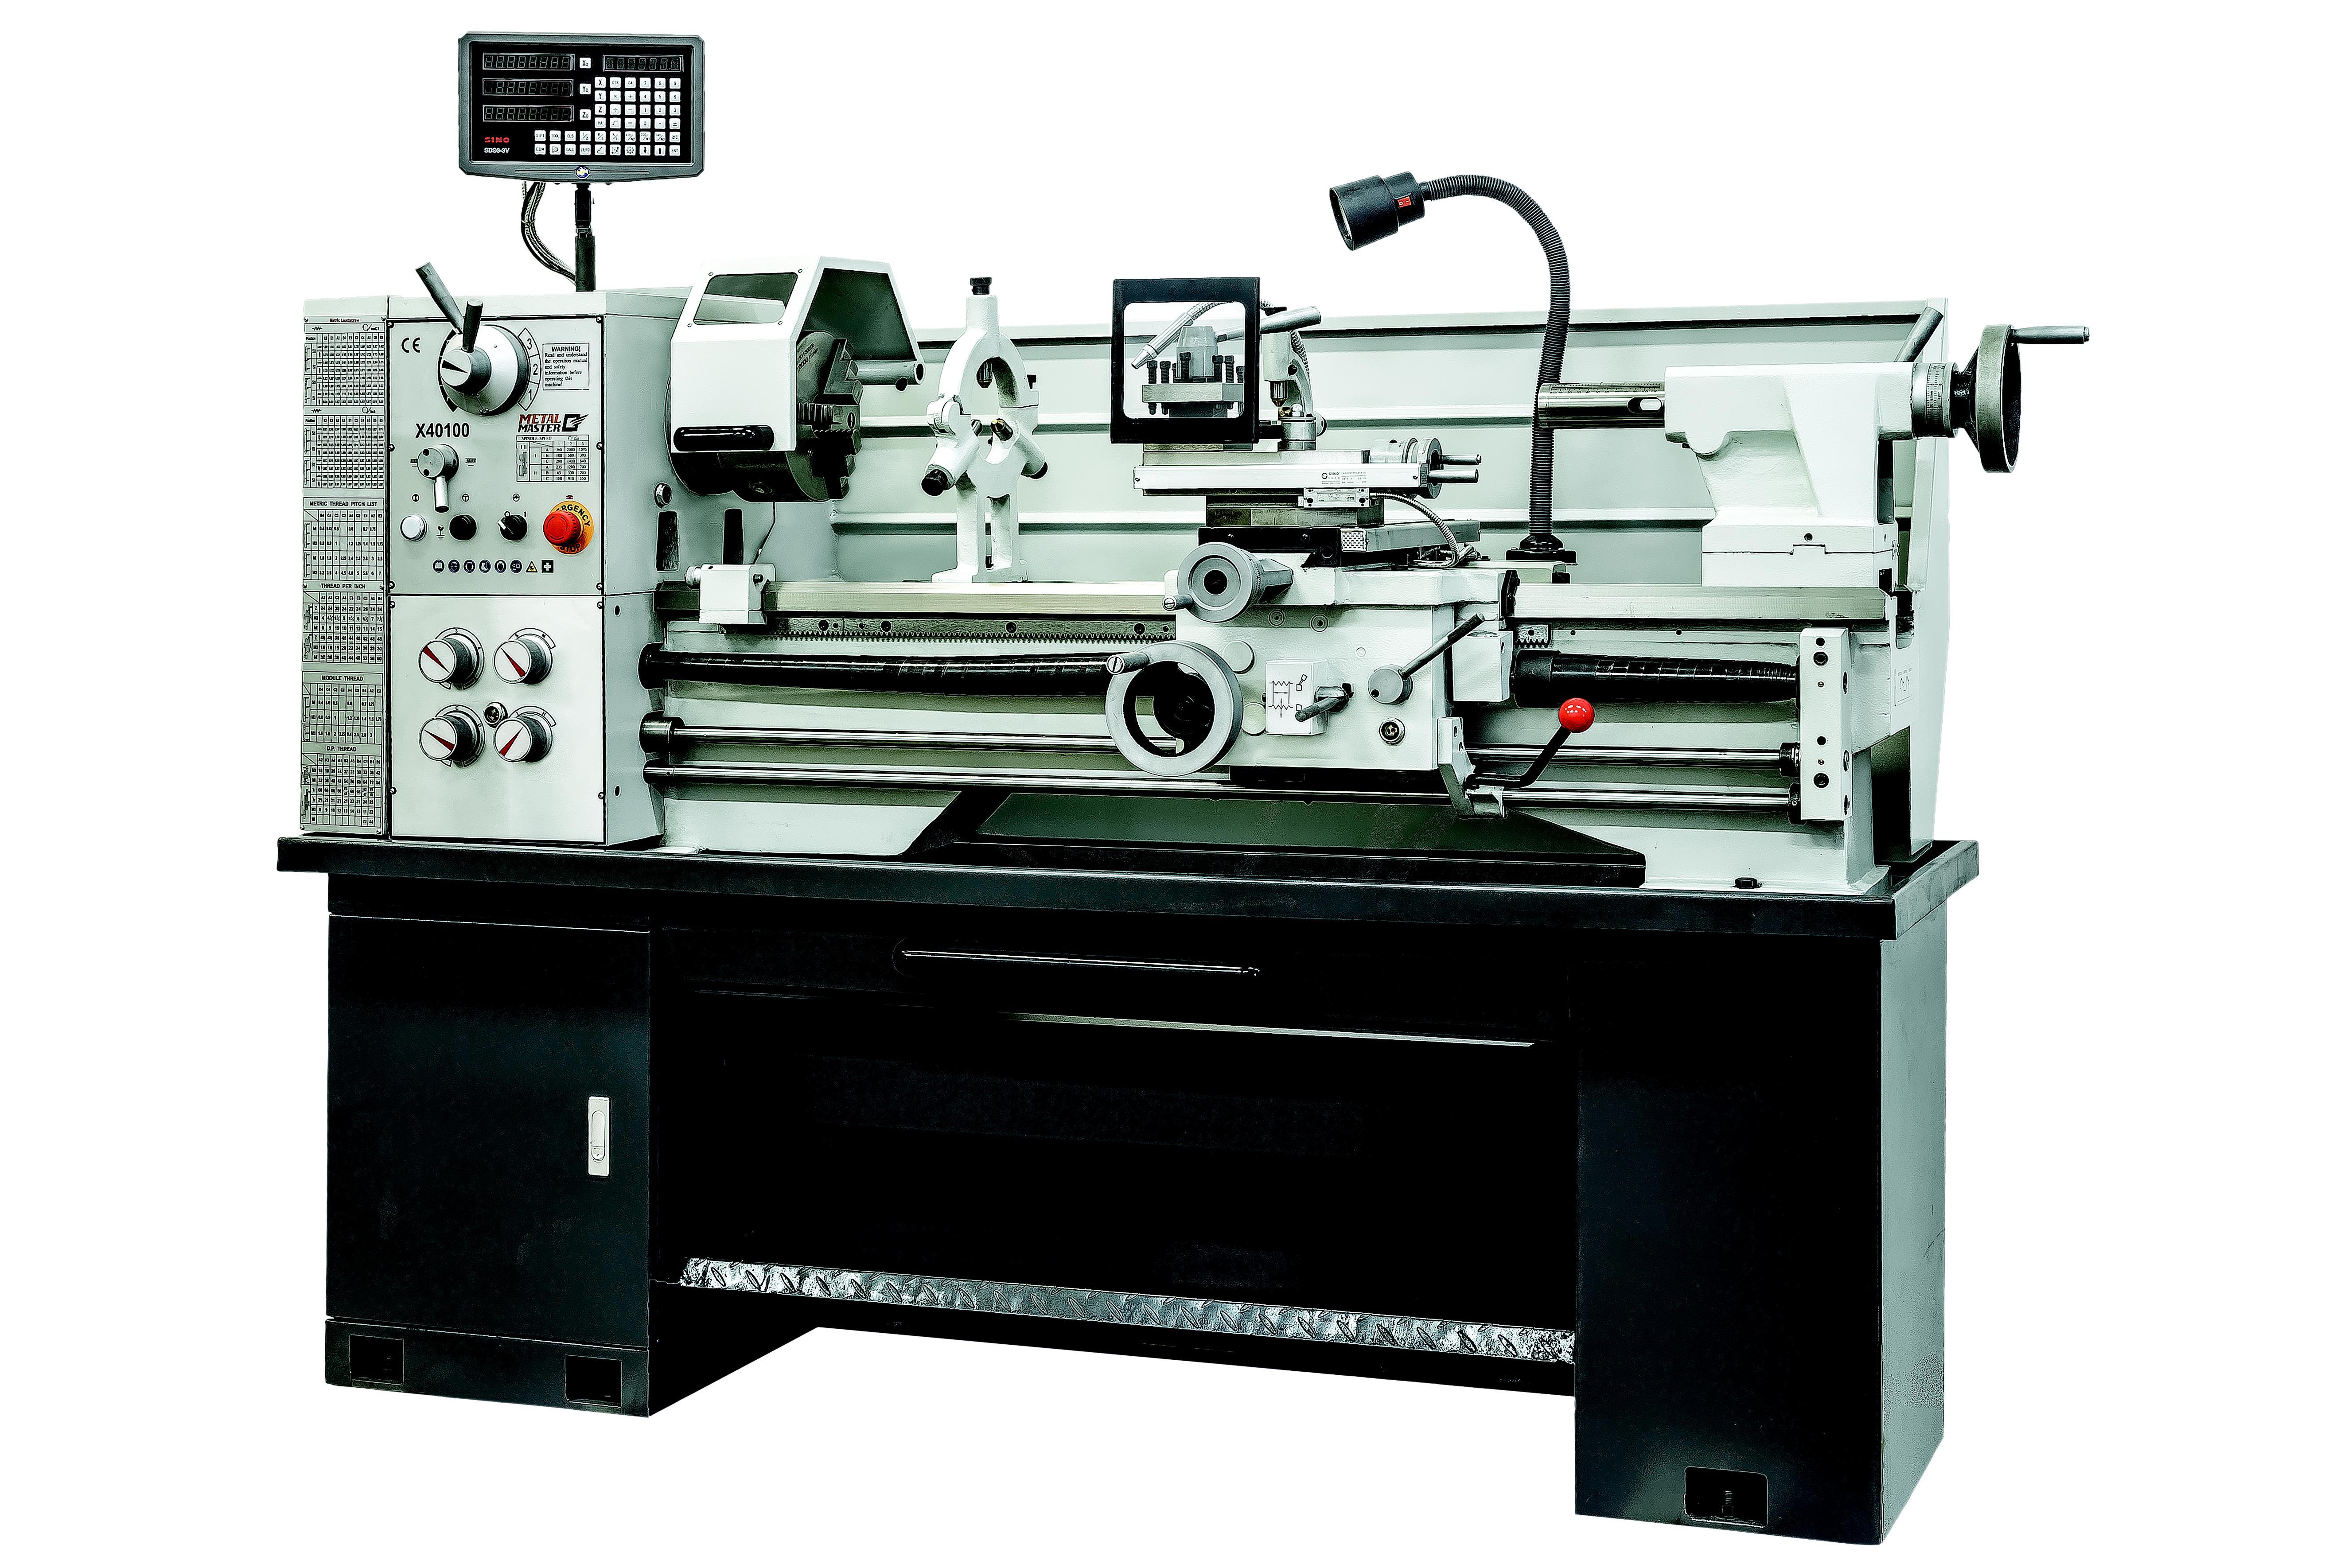 Токарно-винторезный станок Metalmaster X40100